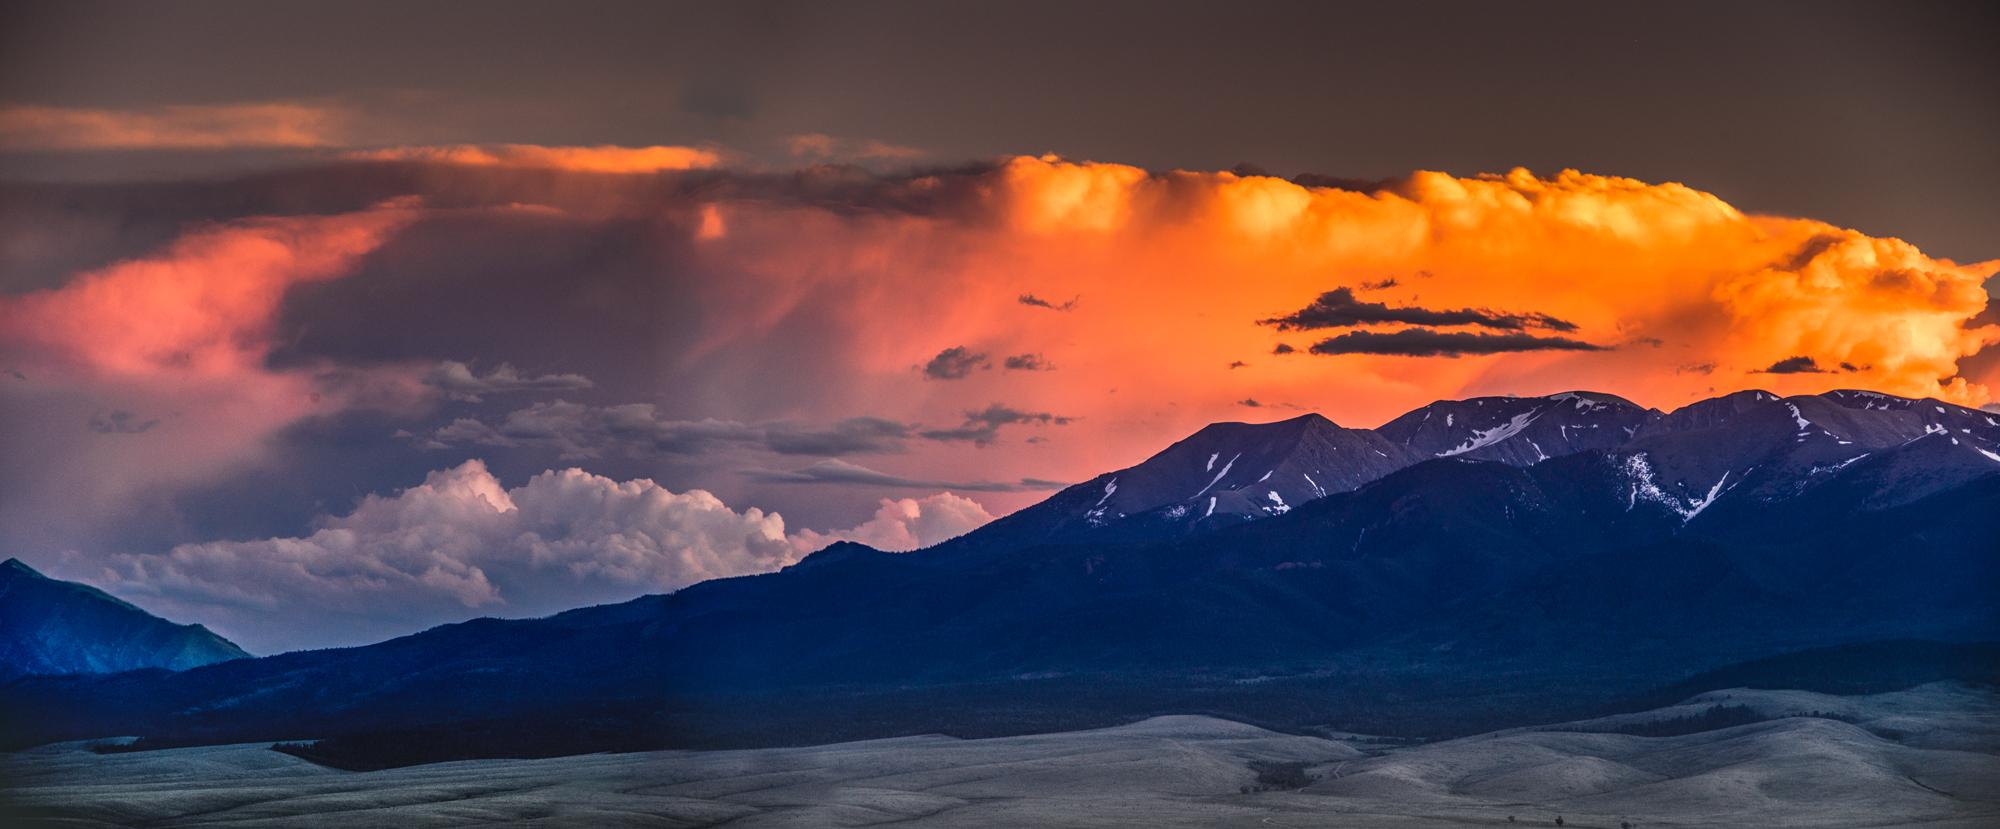 Evening Storm Over Sangres II